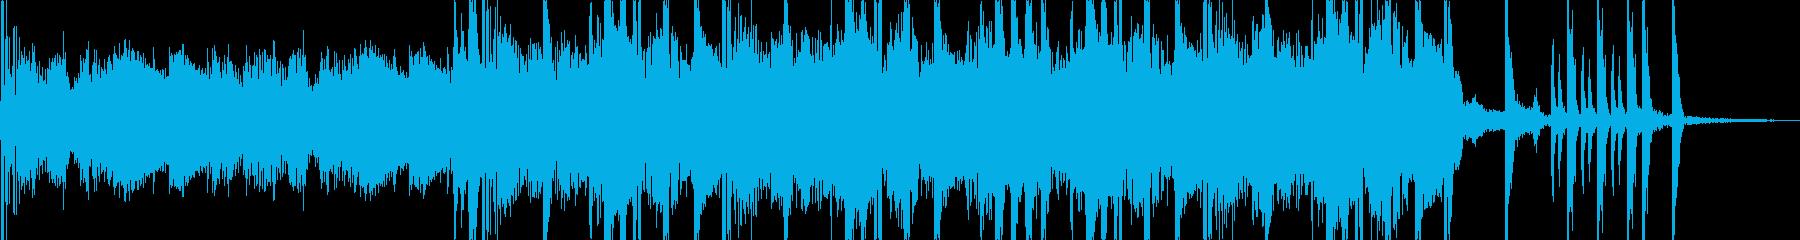 中東っぽい怪しげなHIPHOPの再生済みの波形